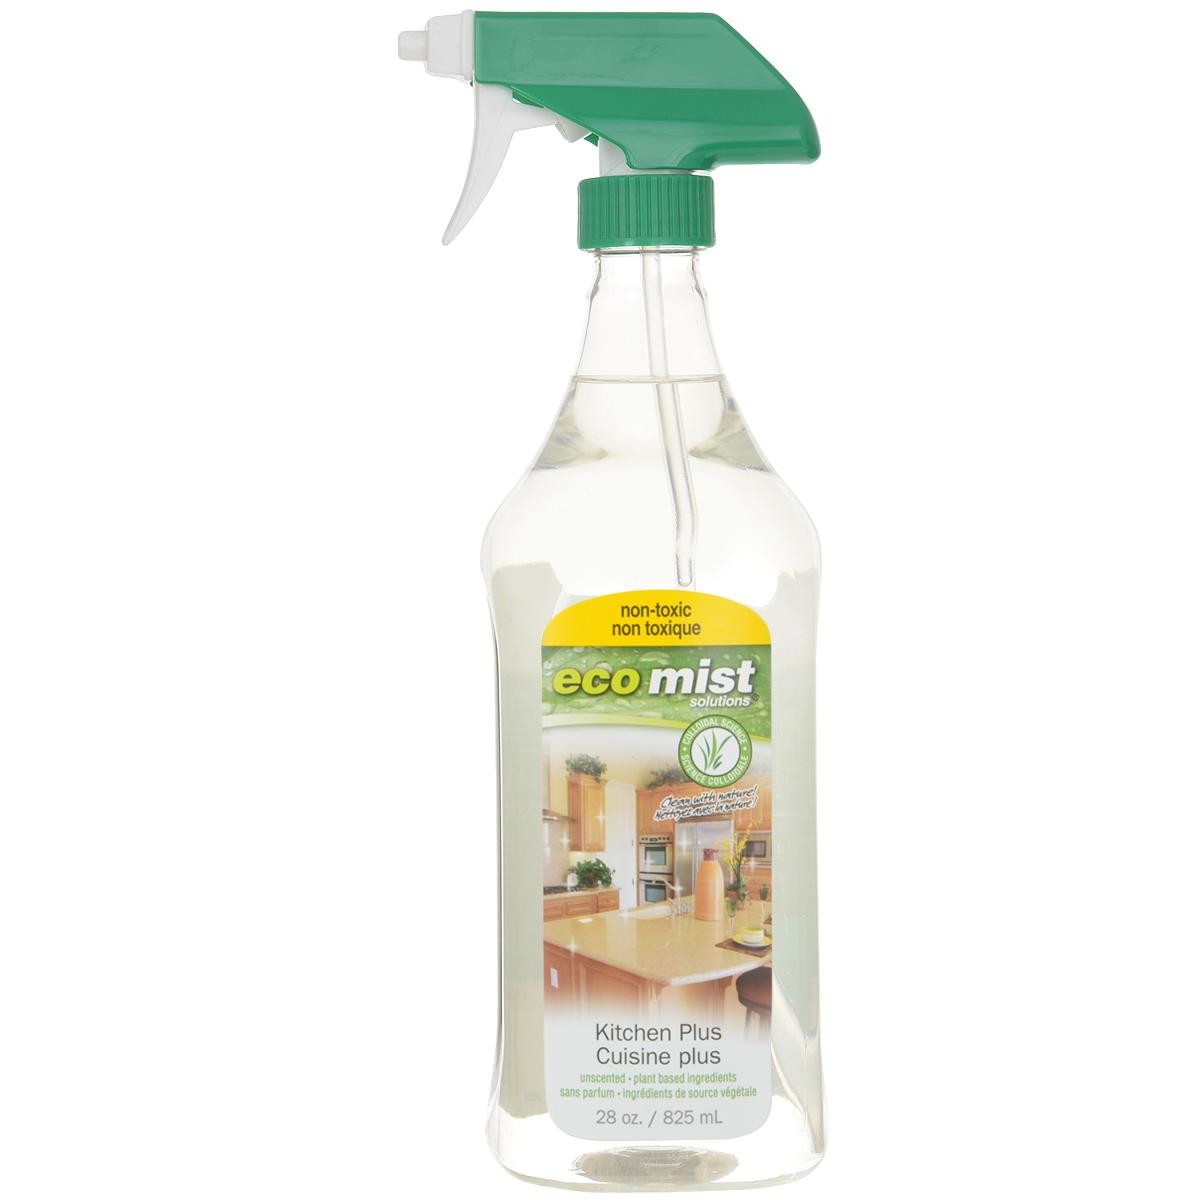 Средство для очистки кухонных поверхностей Eco Mist, 825 мл средство для очистки поверхностей из древесины и ламината eco mist 825 мл